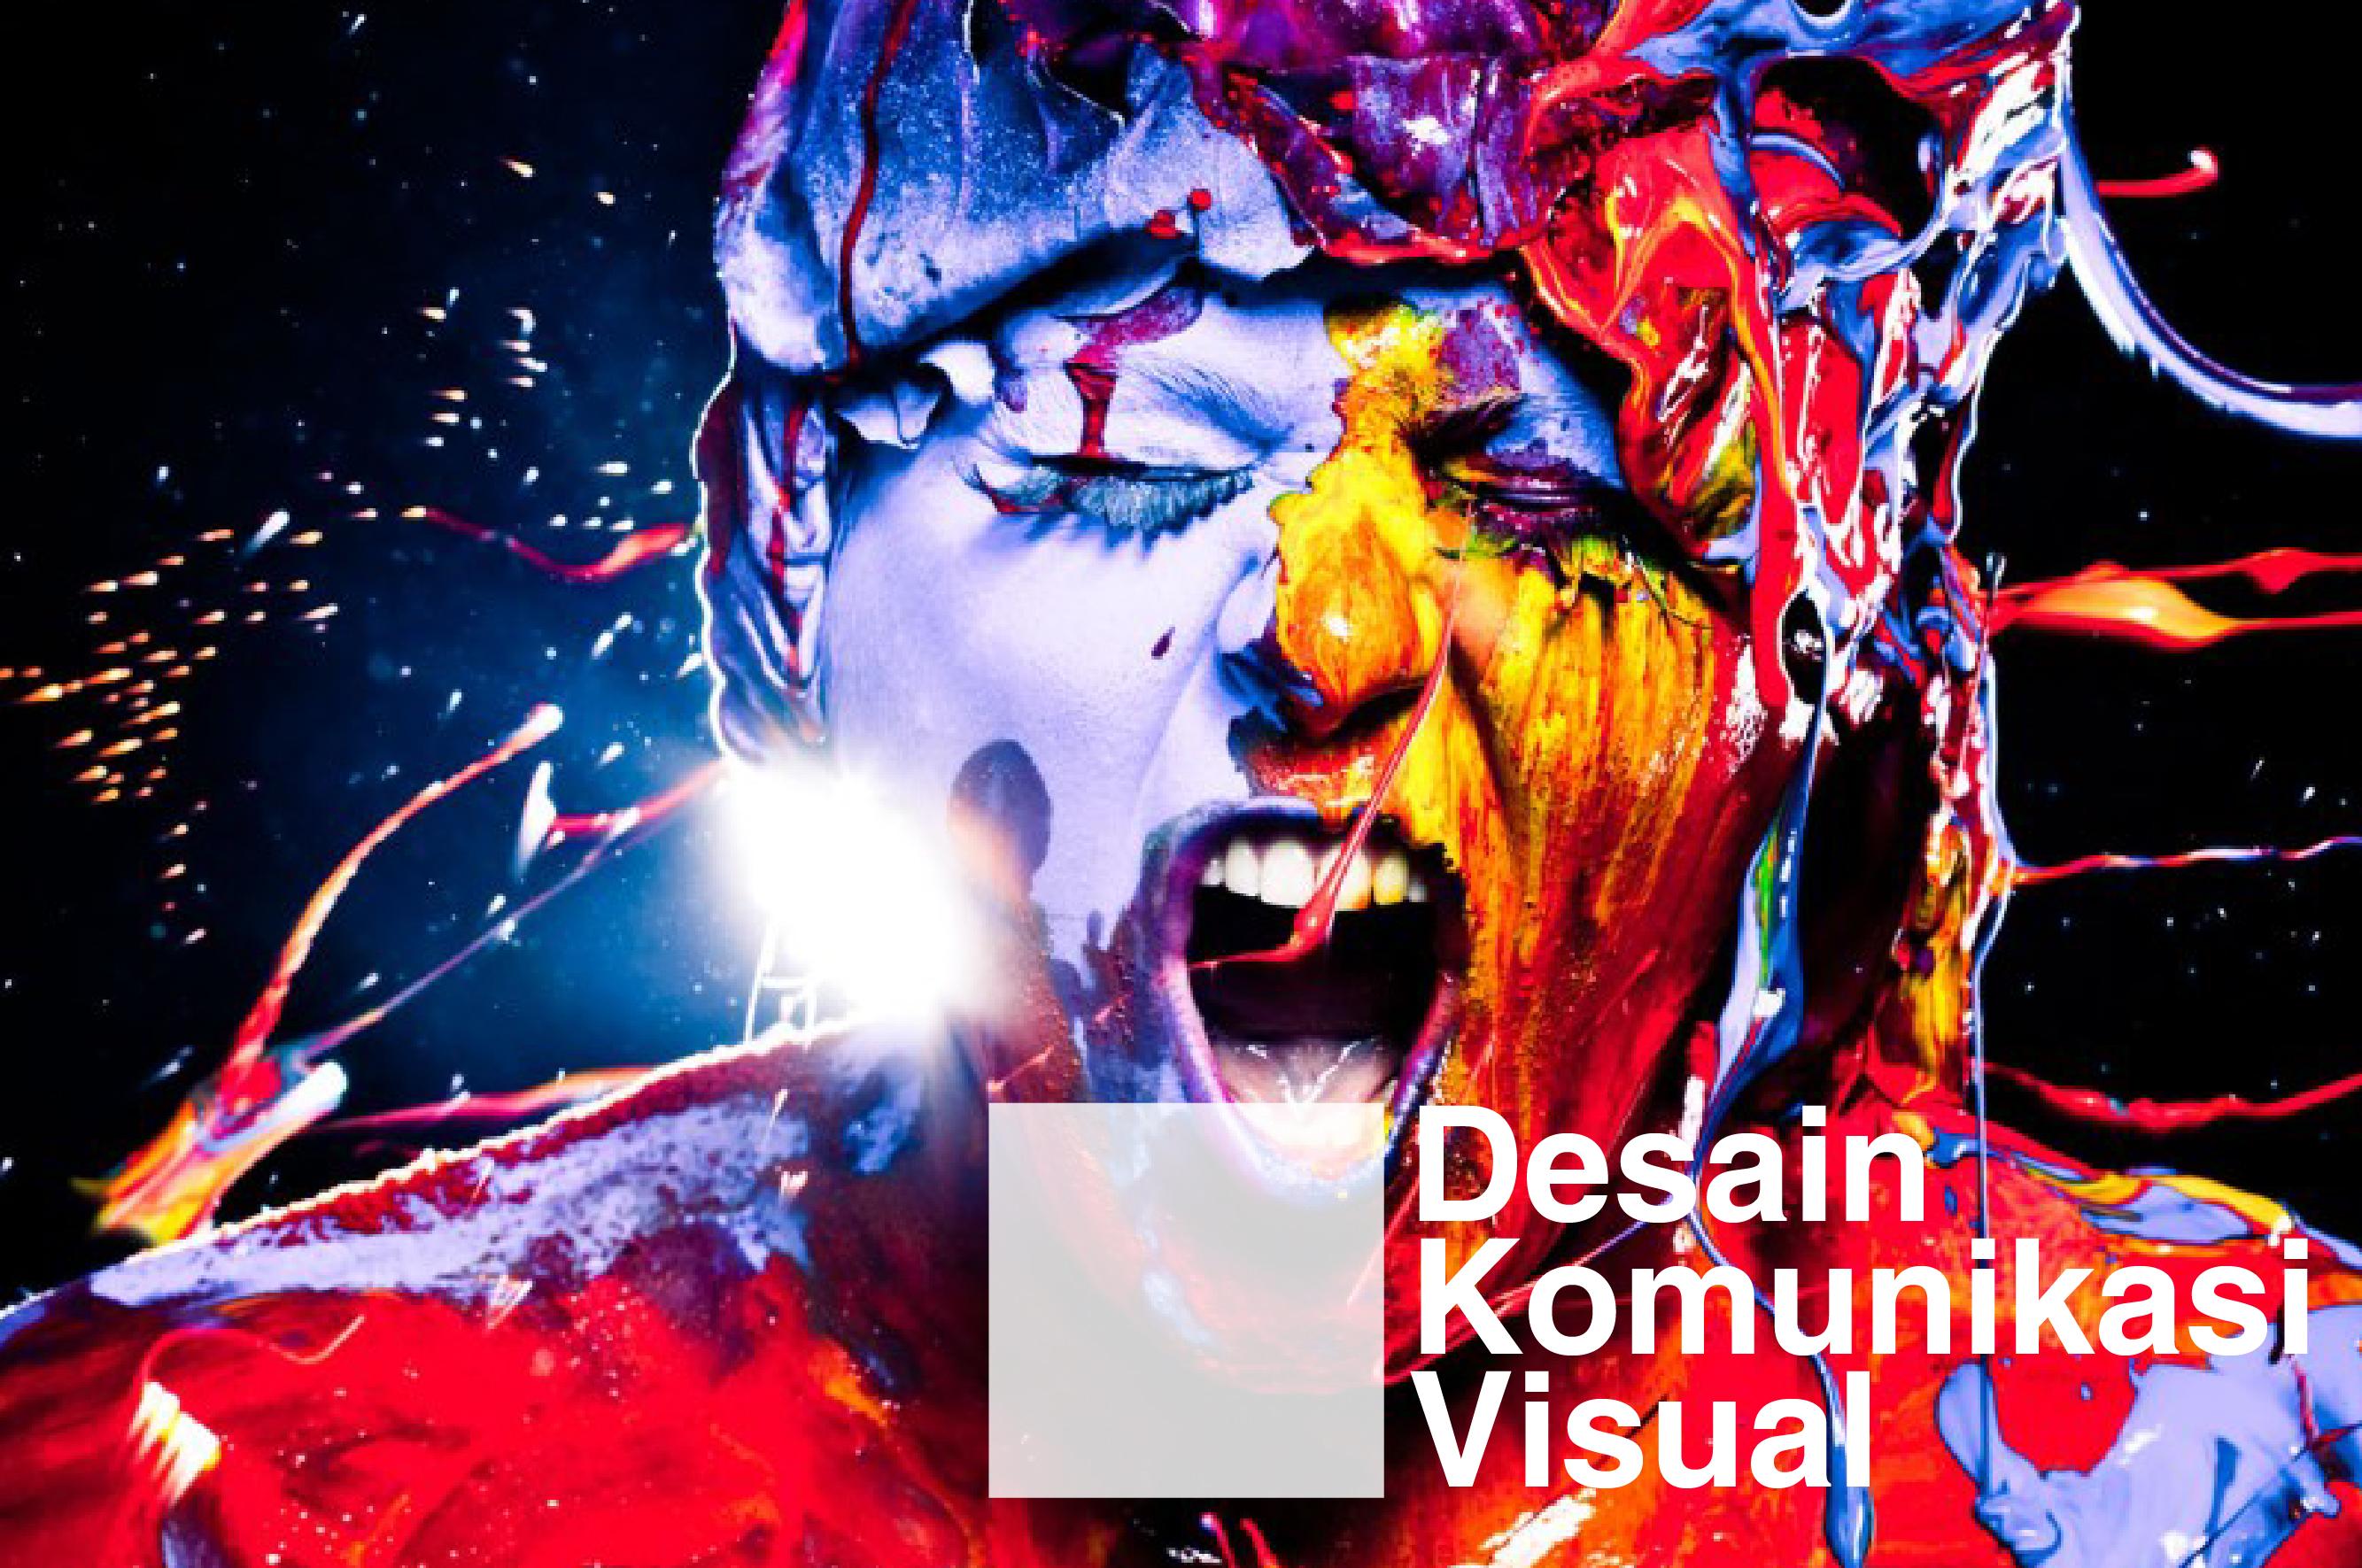 740+ Gambar Karya Desain Komunikasi Visual Gratis Terbaik Unduh Gratis